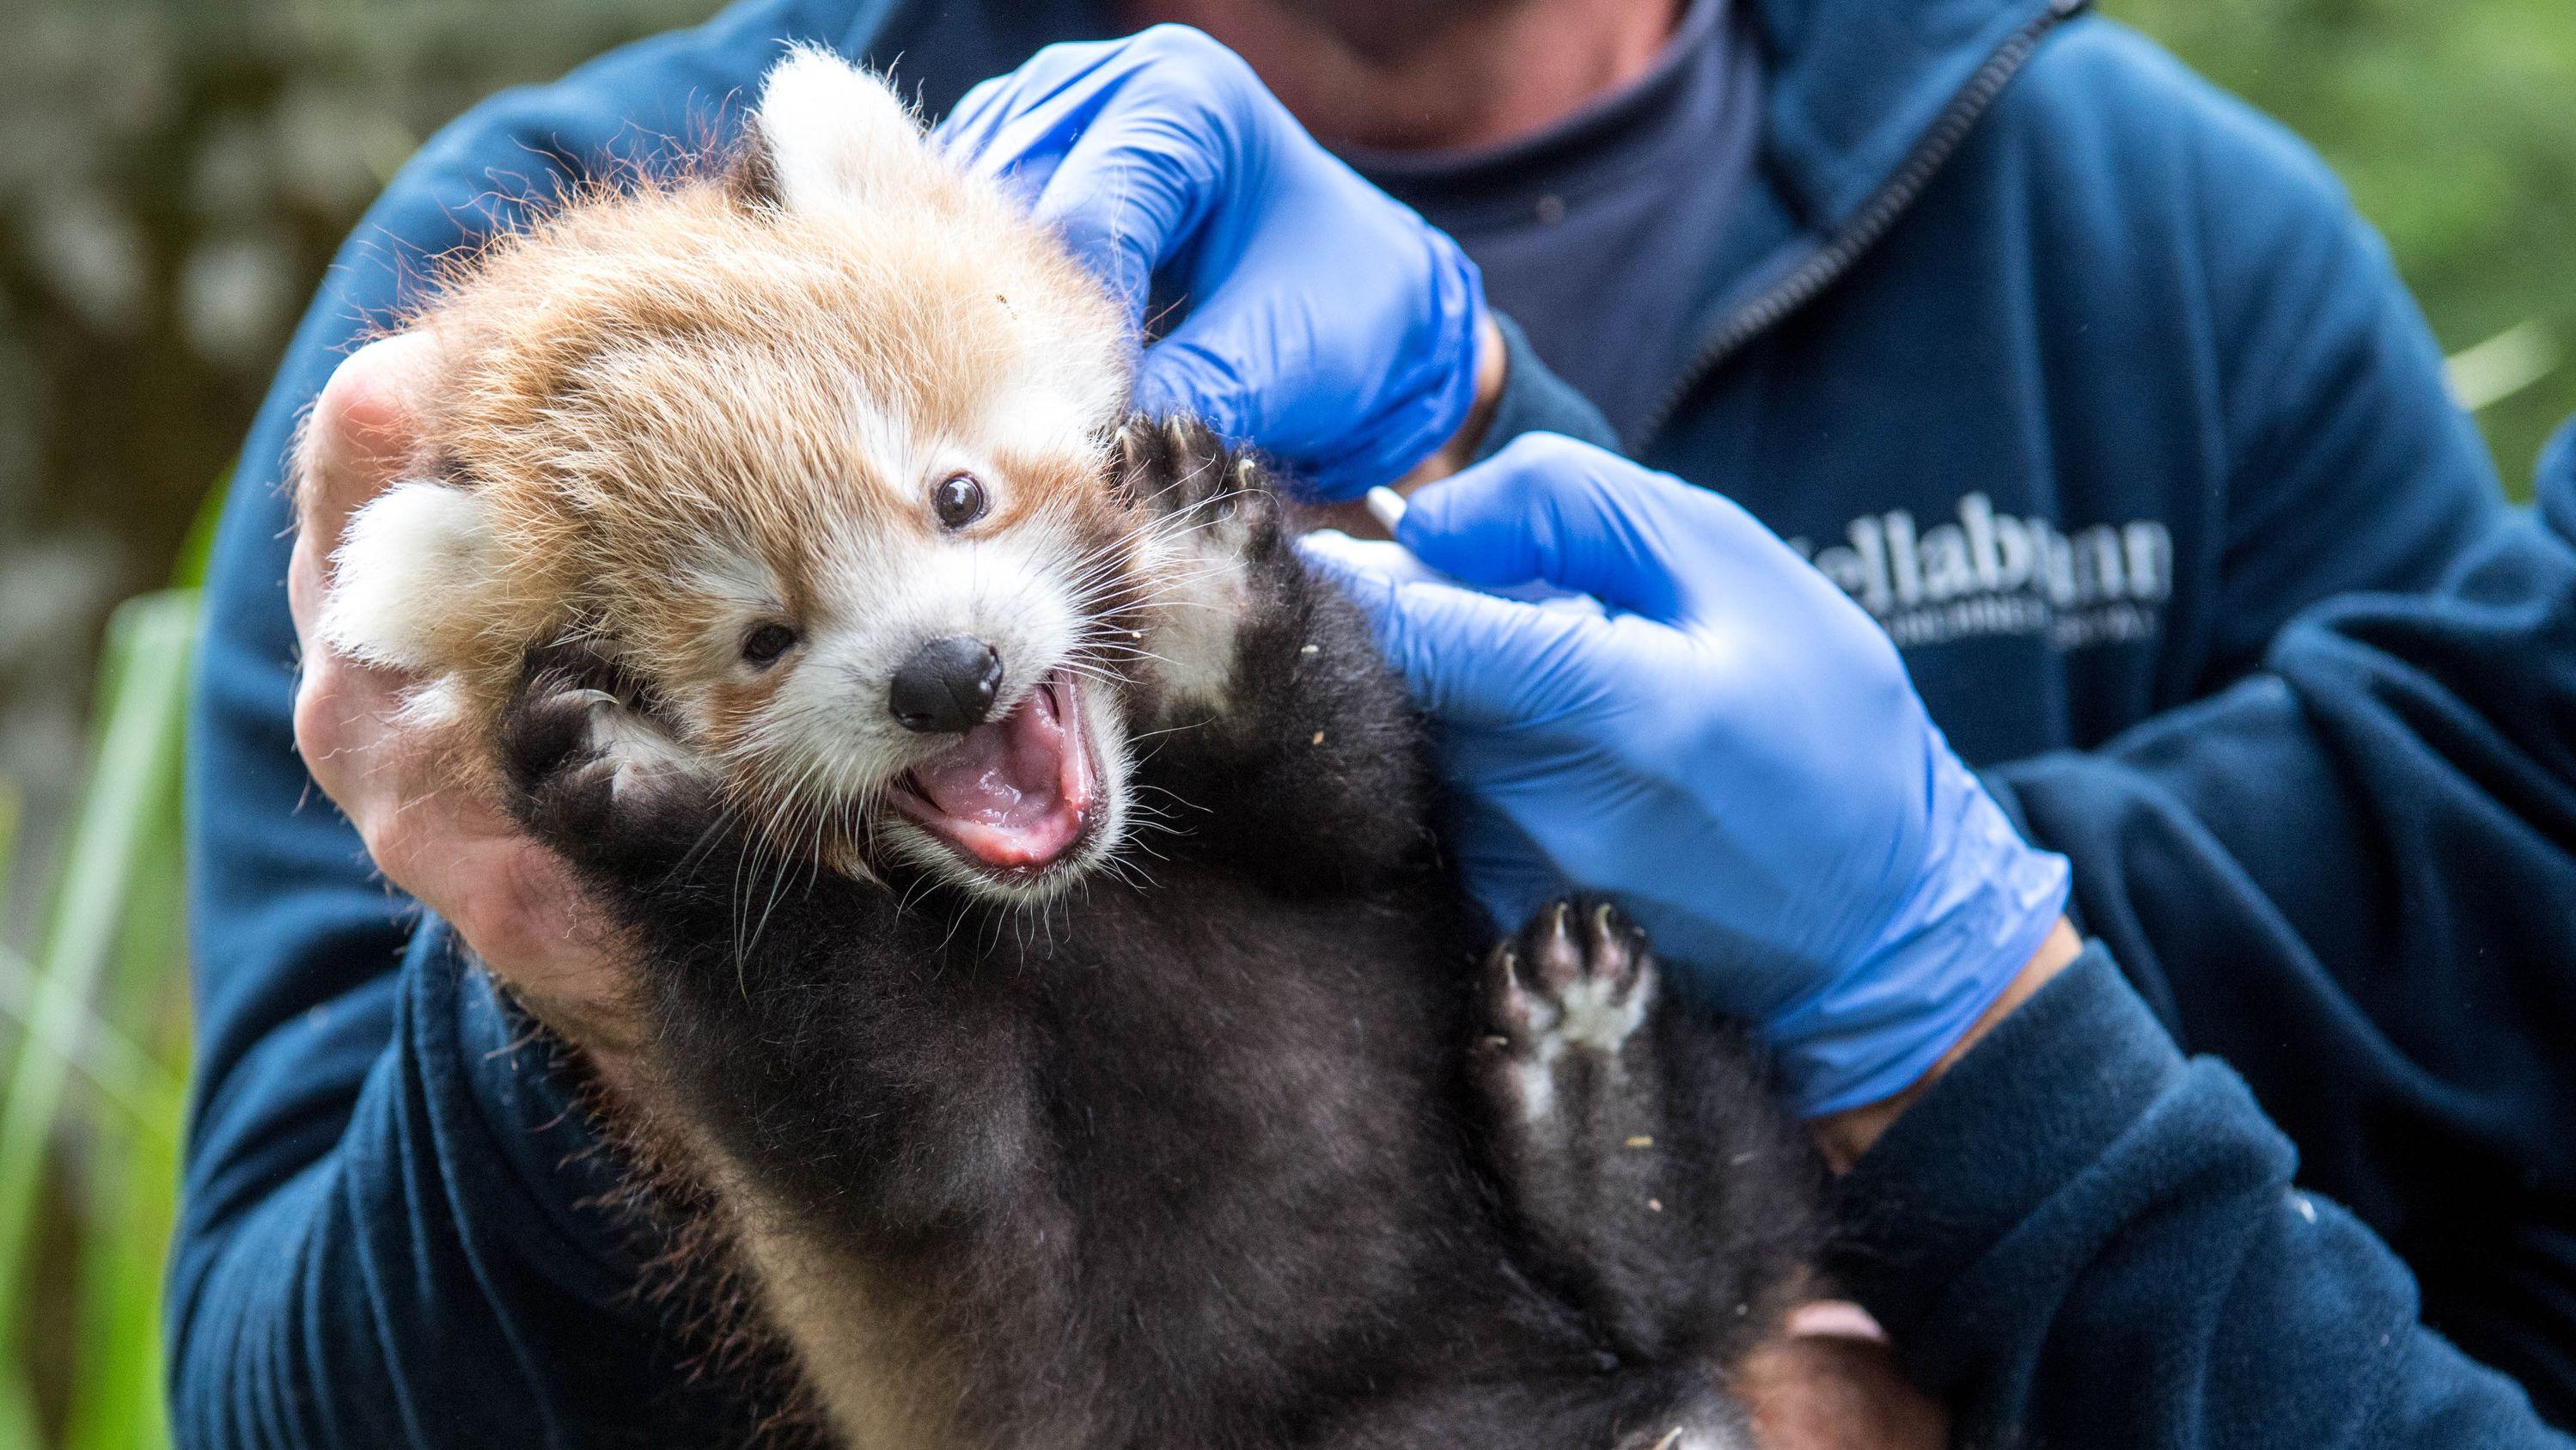 Der Nachwuchs der Roten Pandas im Münchner Zoo bei der ersten tierärztlichen Untersuchung